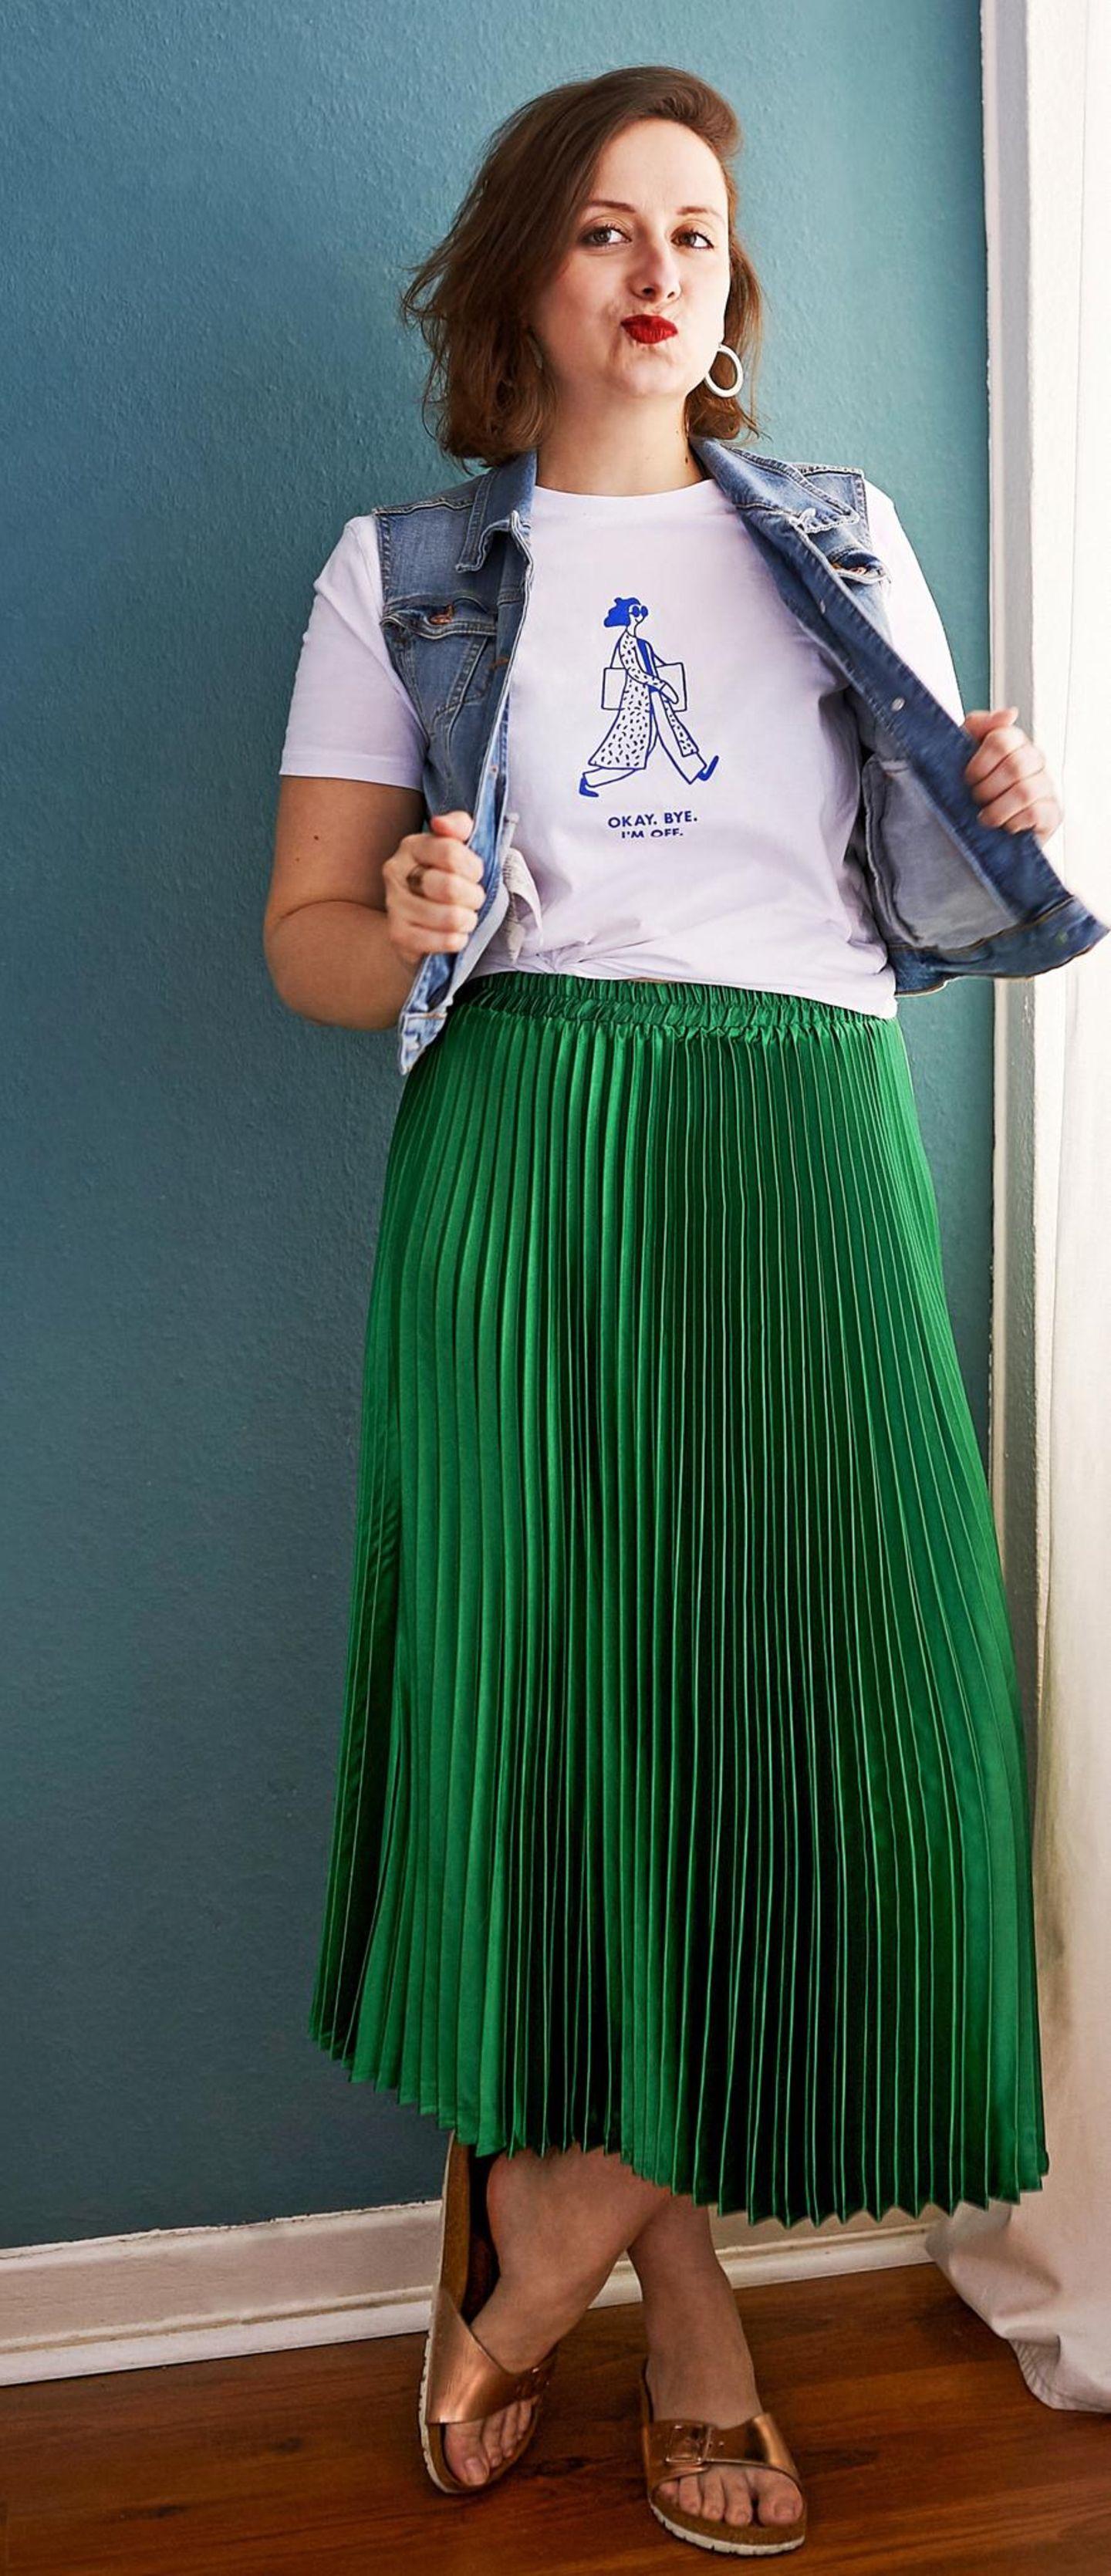 Kleidung kombinieren: Outfit 4